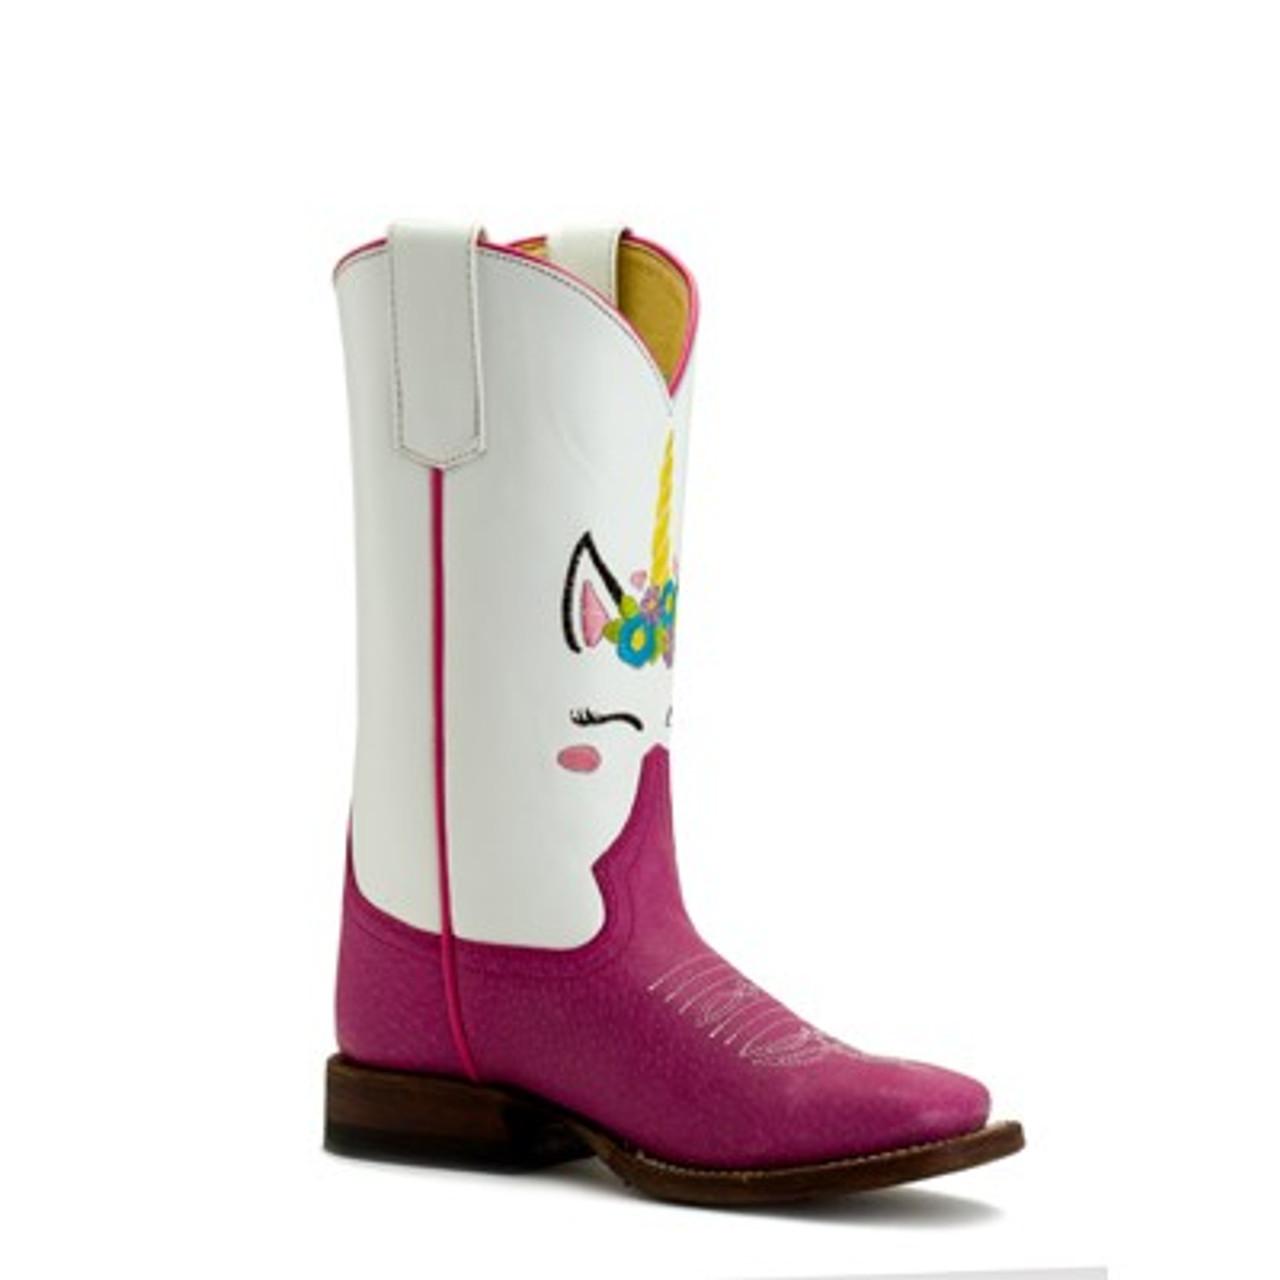 ea9014c4b Macie Bean Kid's Boot - Pink Sensation / White Glove - Billy's ...